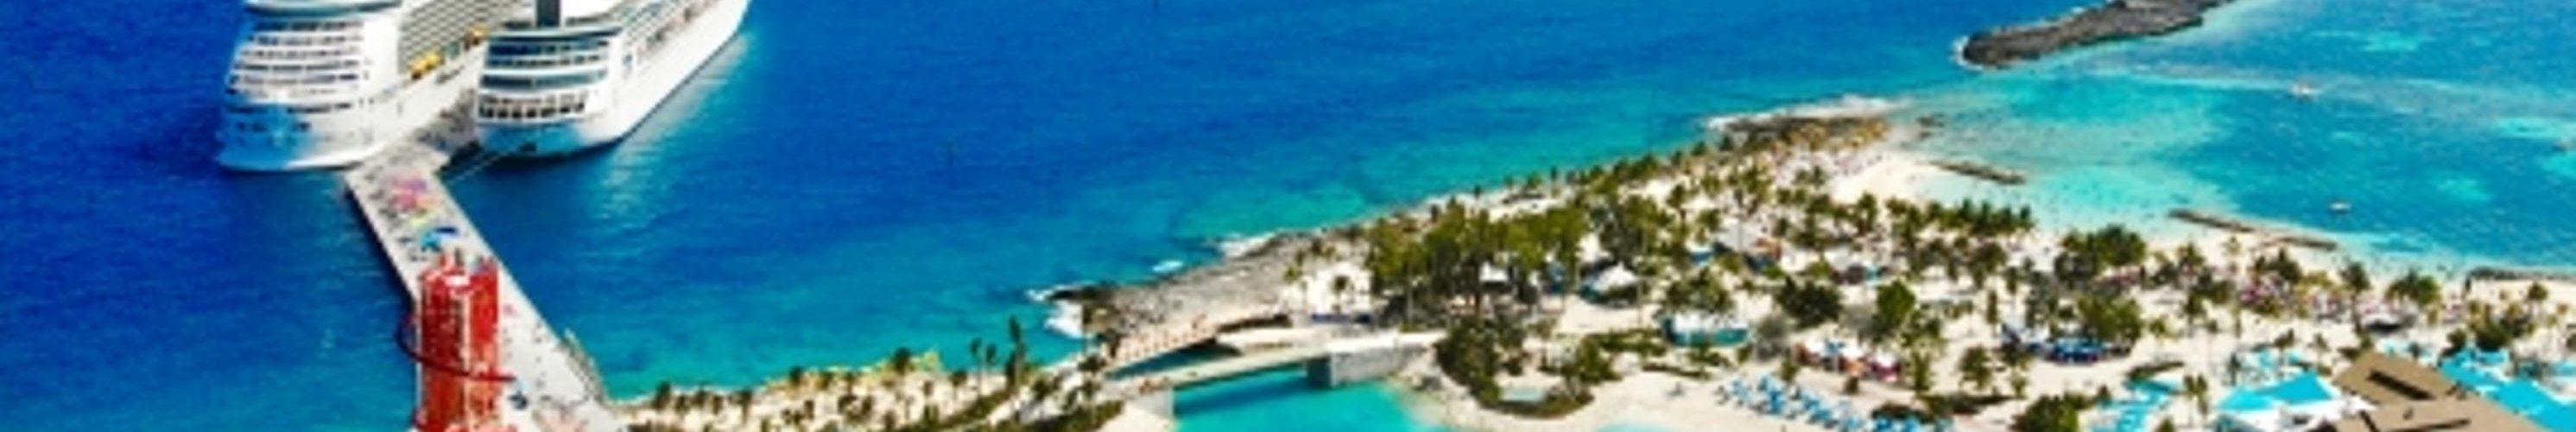 Cheap flight from ATL to Bahamas from $319